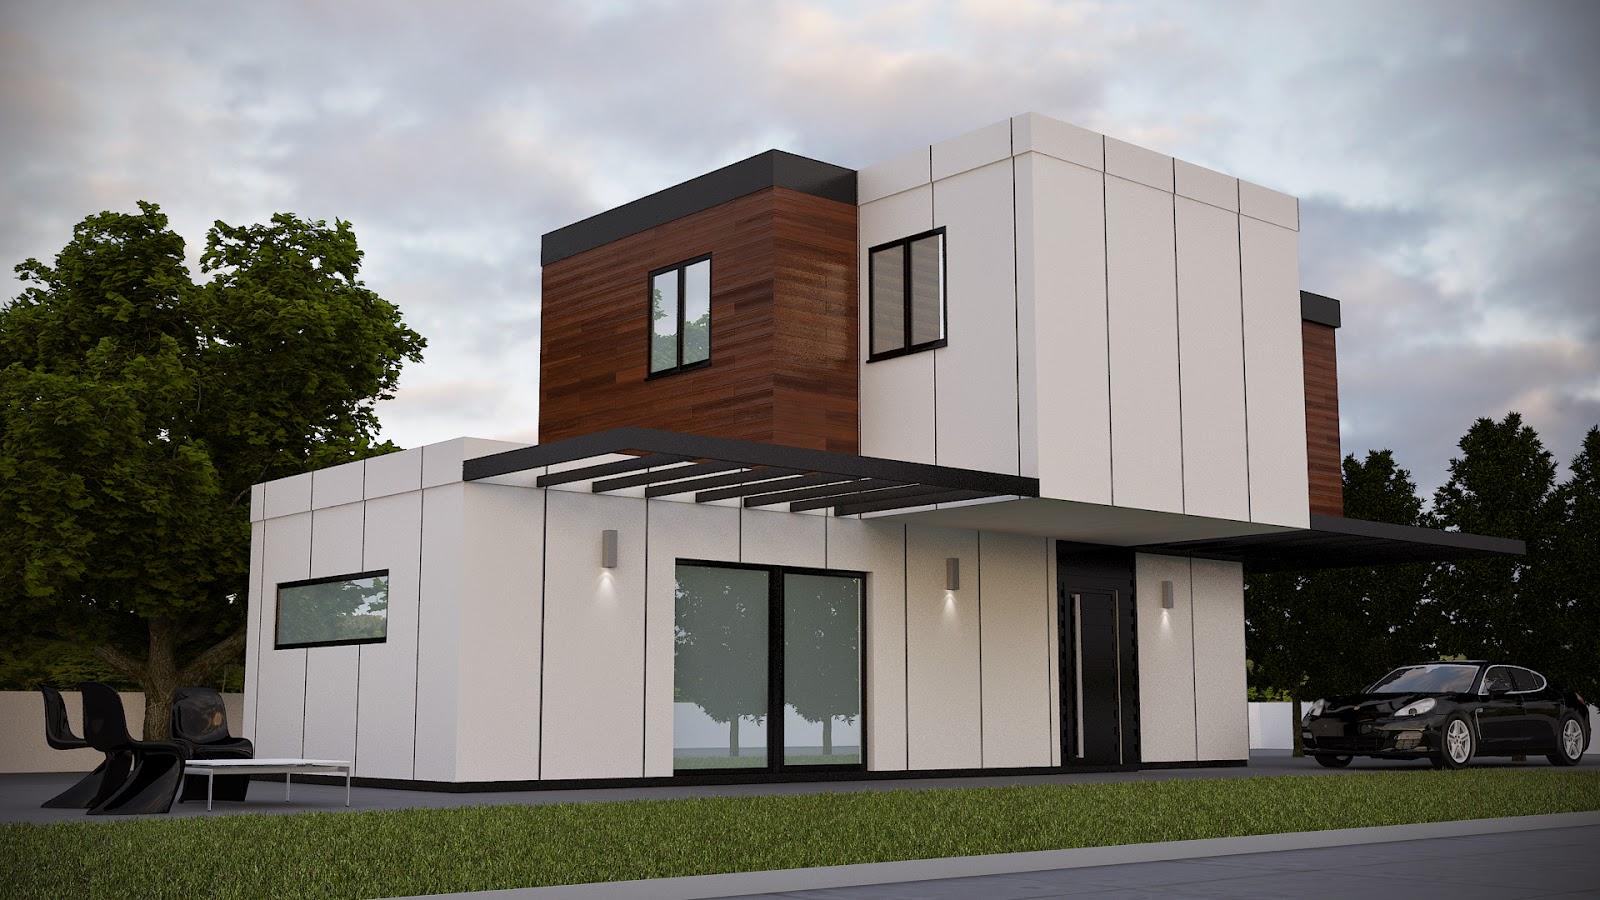 casas modulares para solucionar crisis de vivienda resan